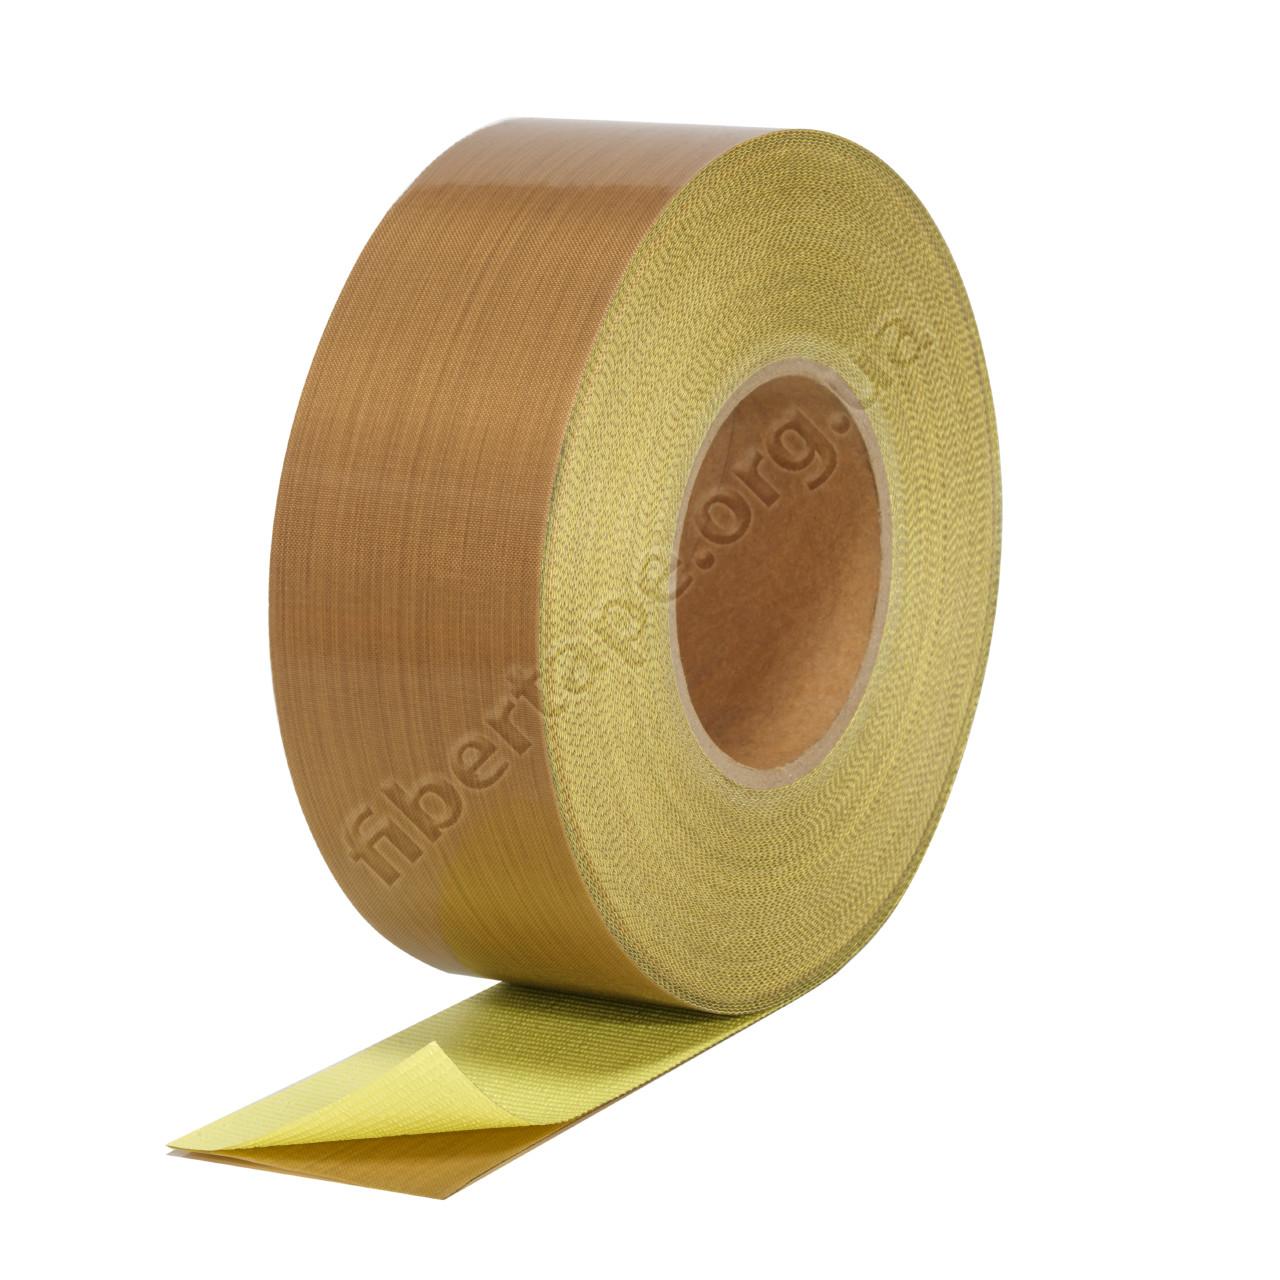 Тефлоновая лента (пленка) с клеем, ширина 85 мм, 75 микрон